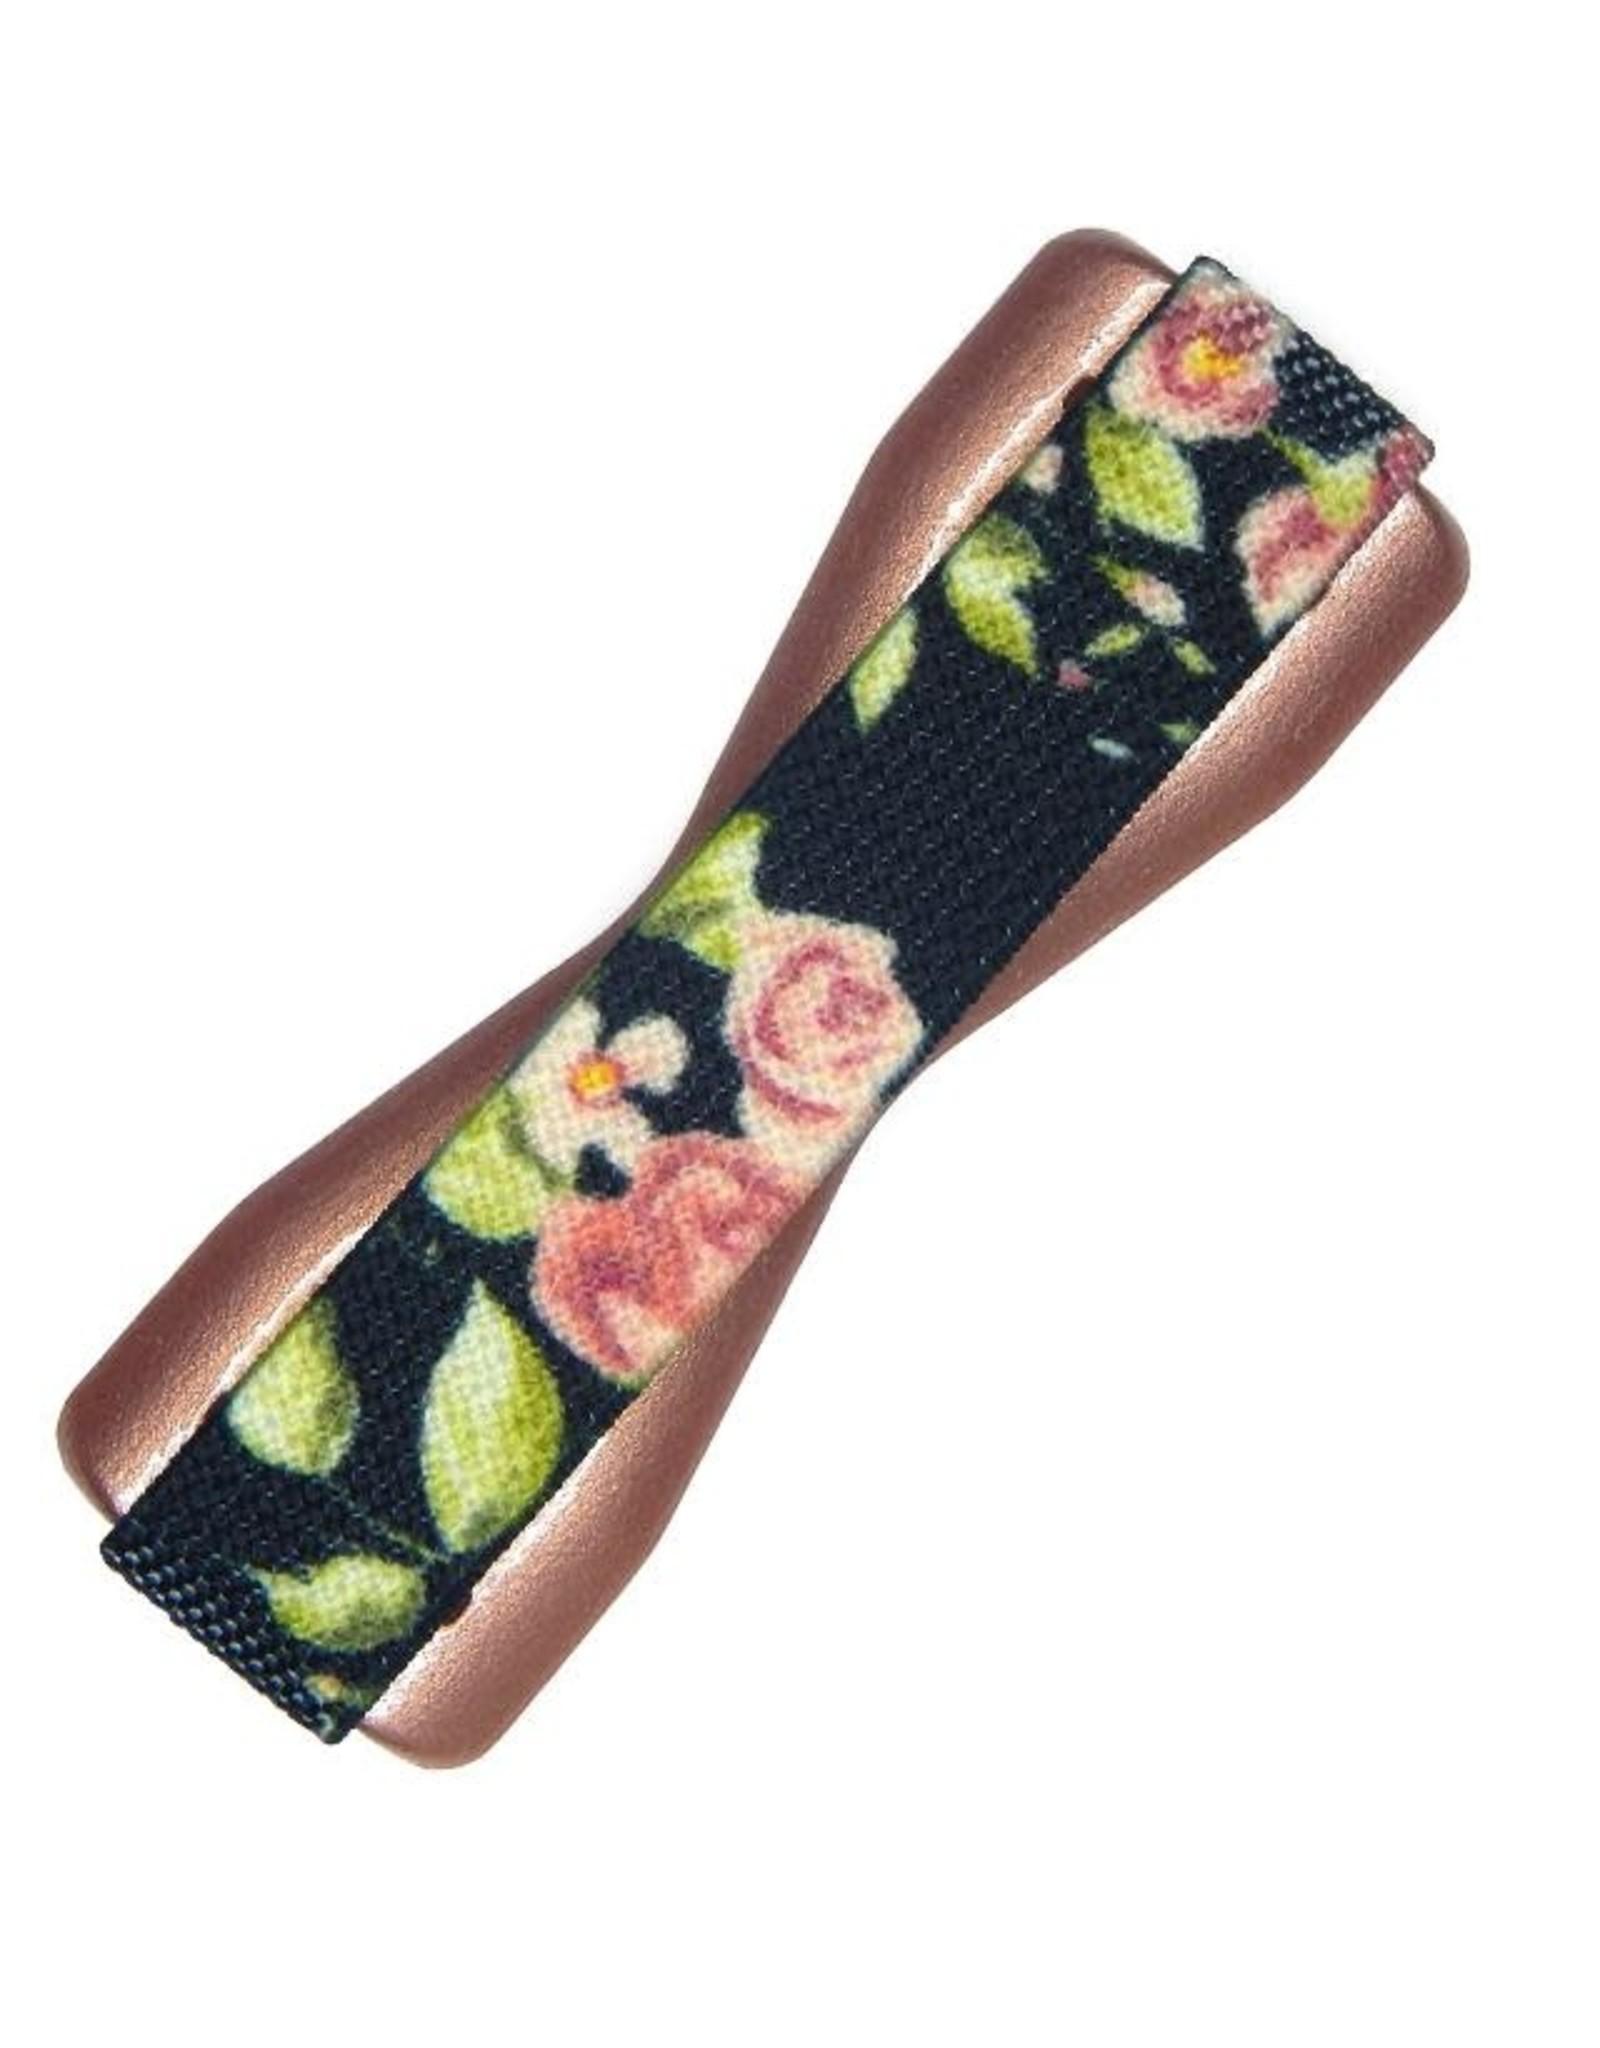 Lovehandle Phone Grip, Vintage Rose